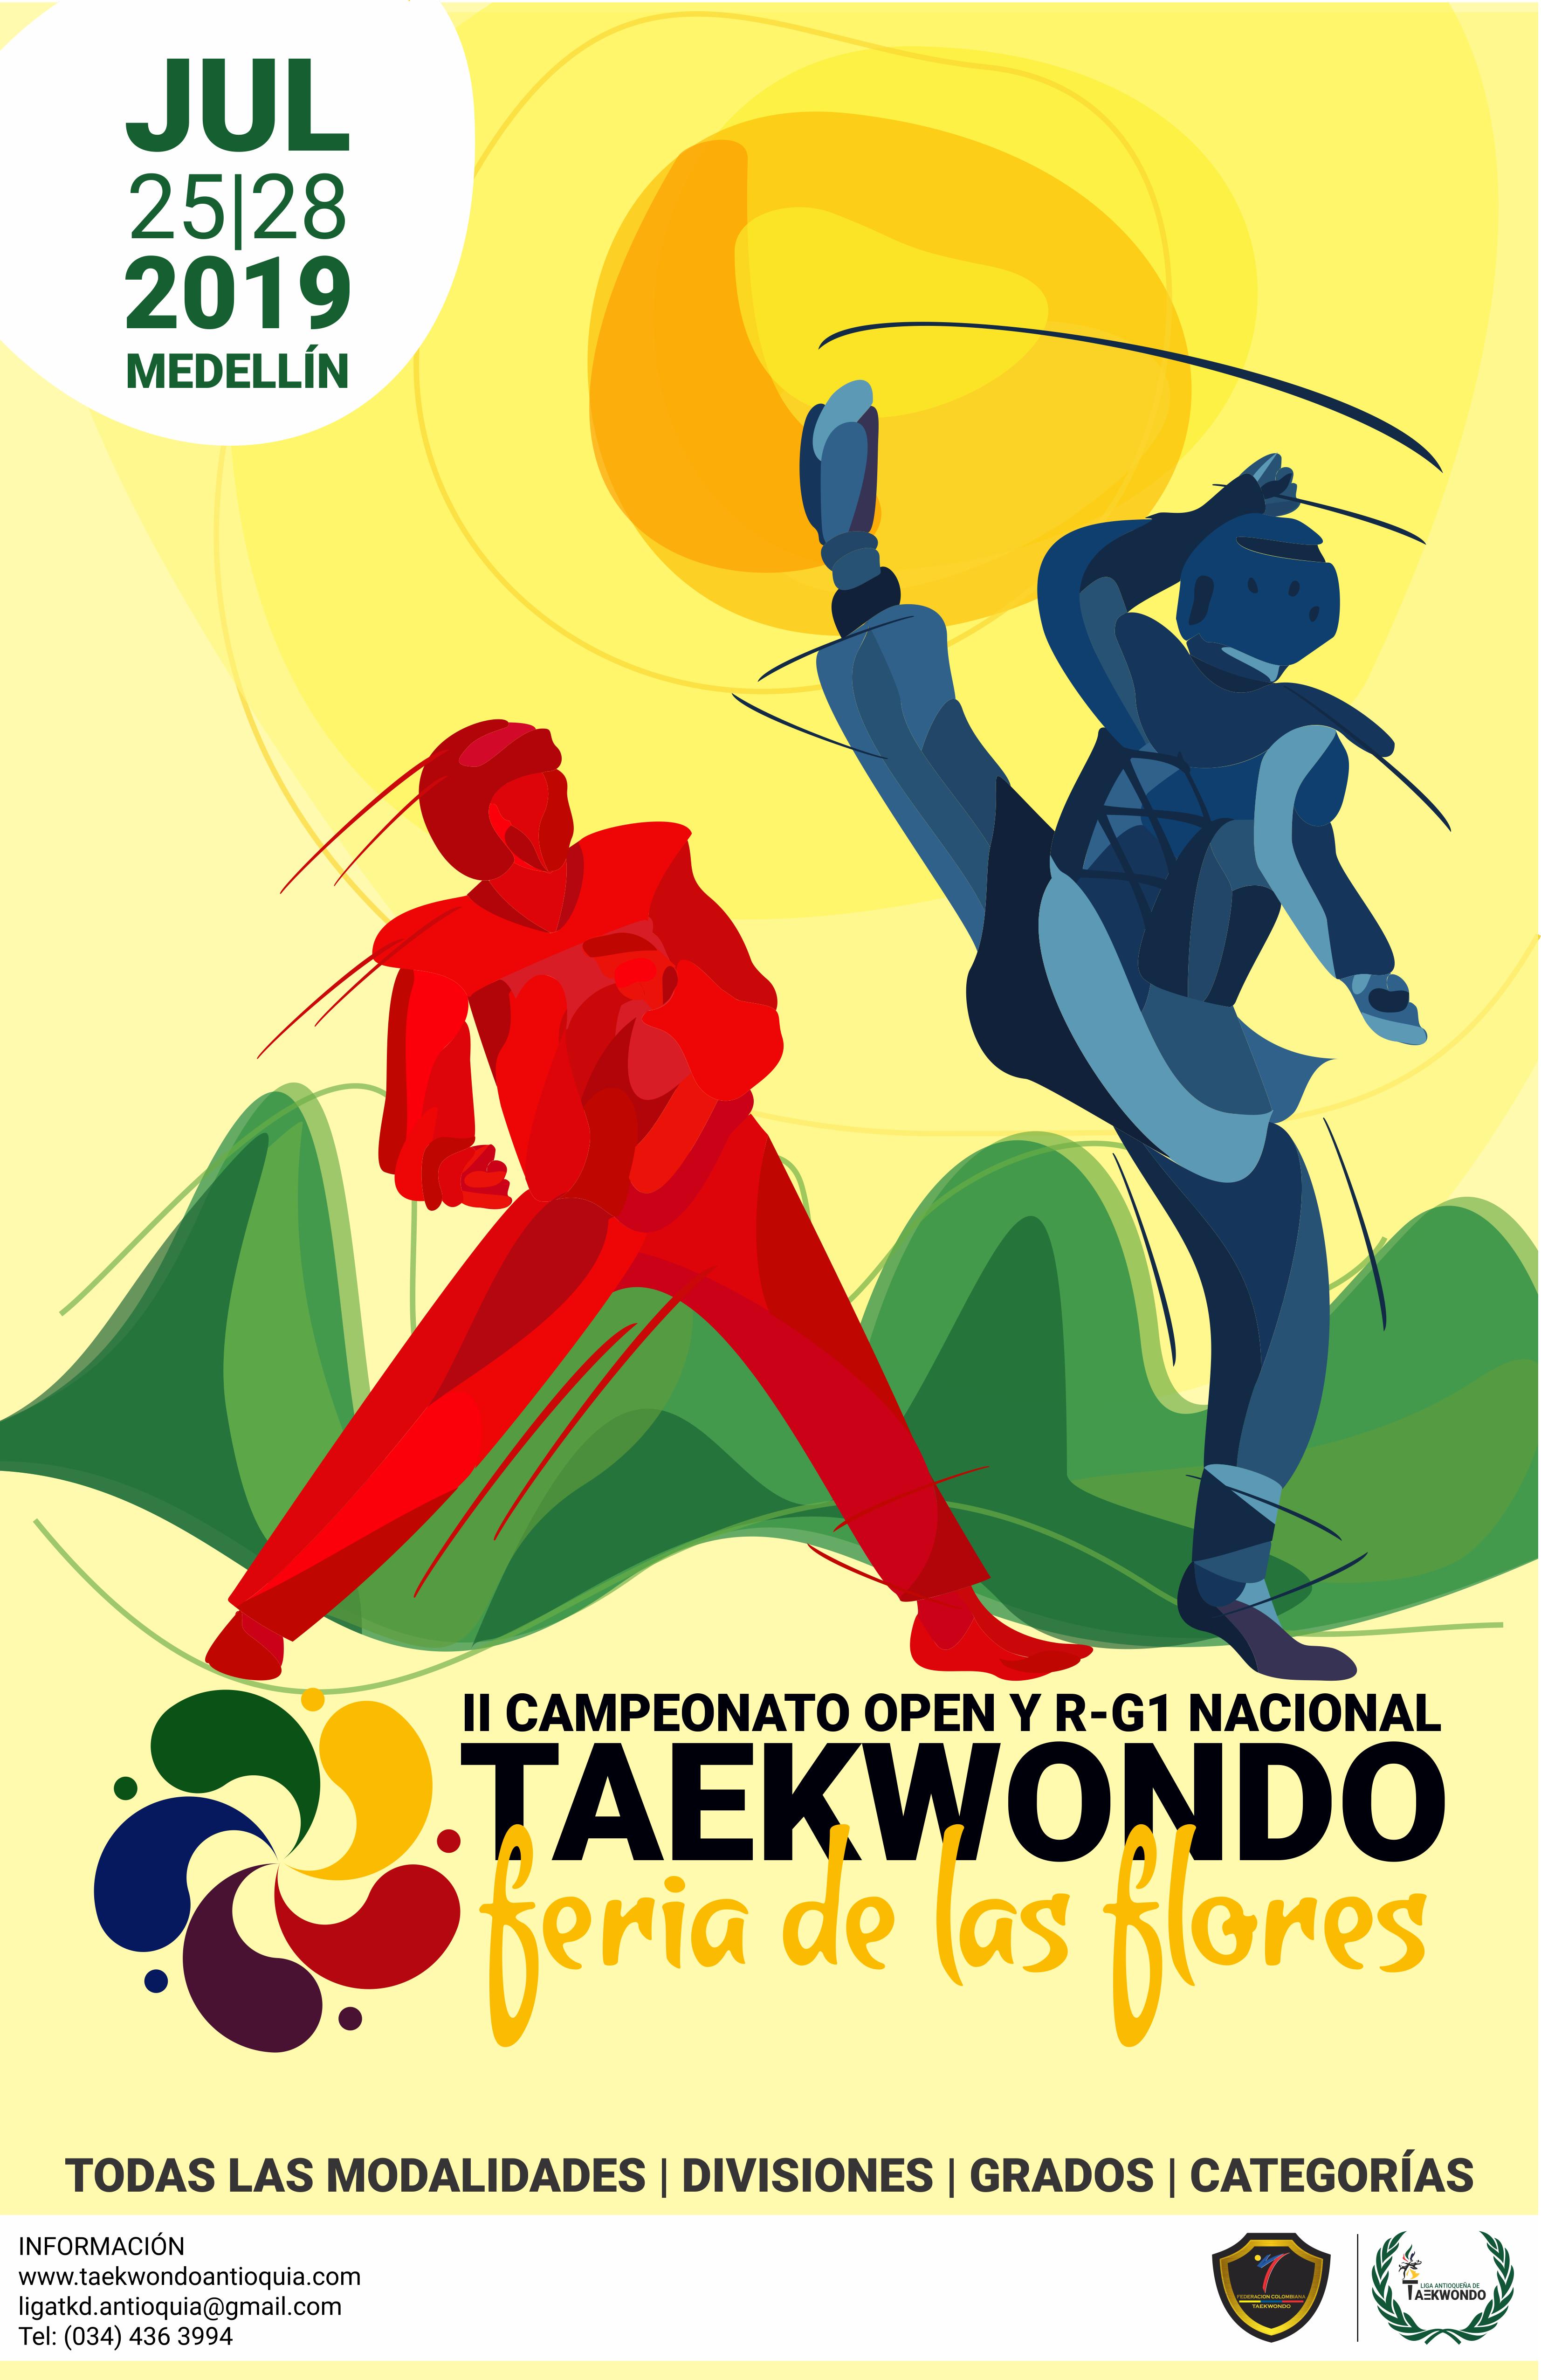 FeriadeFlores taekwondo